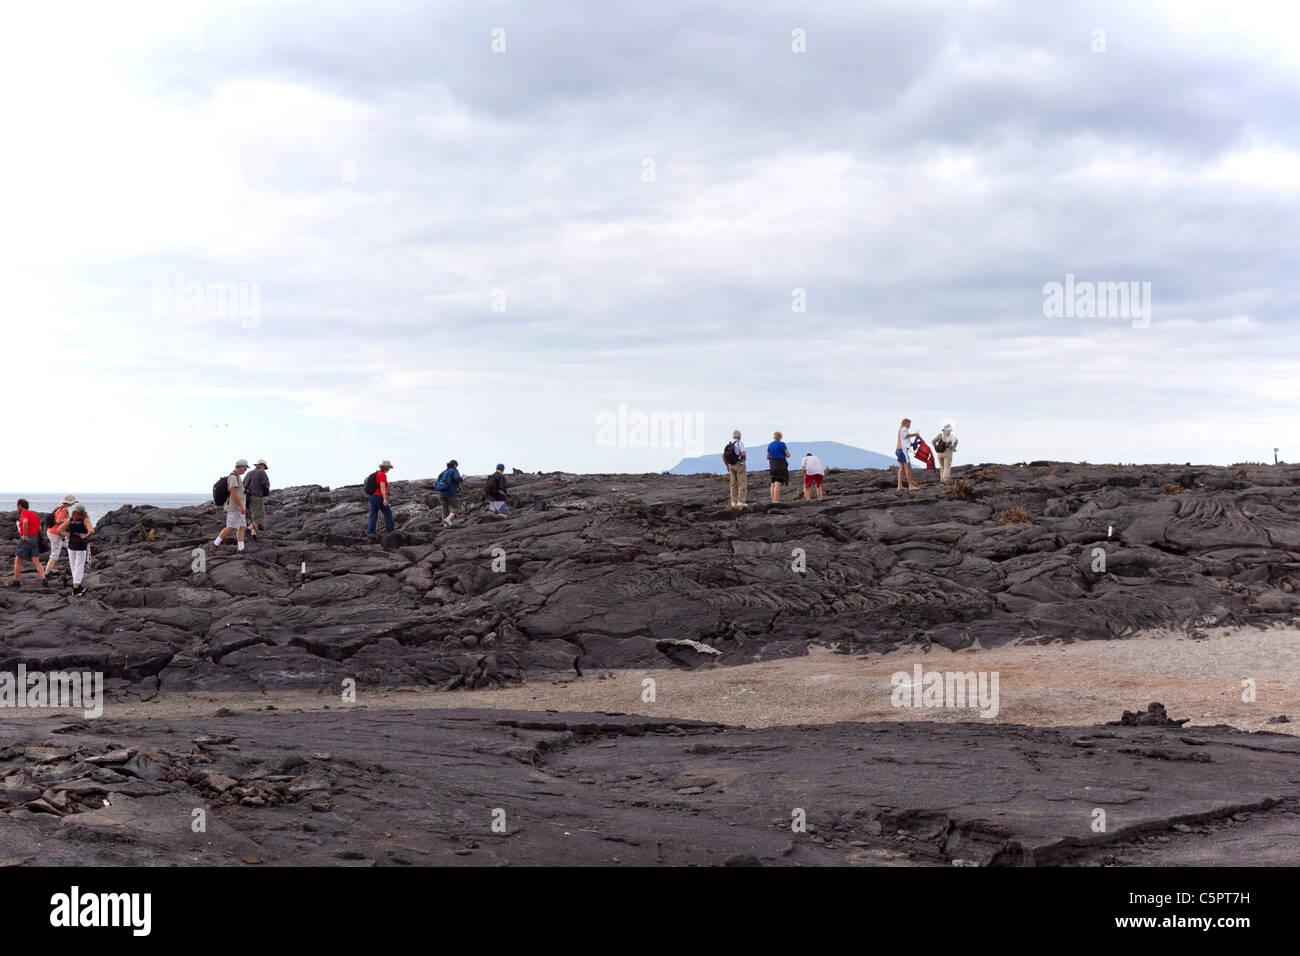 Tourists walking on the lava field at Punta Espinoza, Galapagos - Stock Image